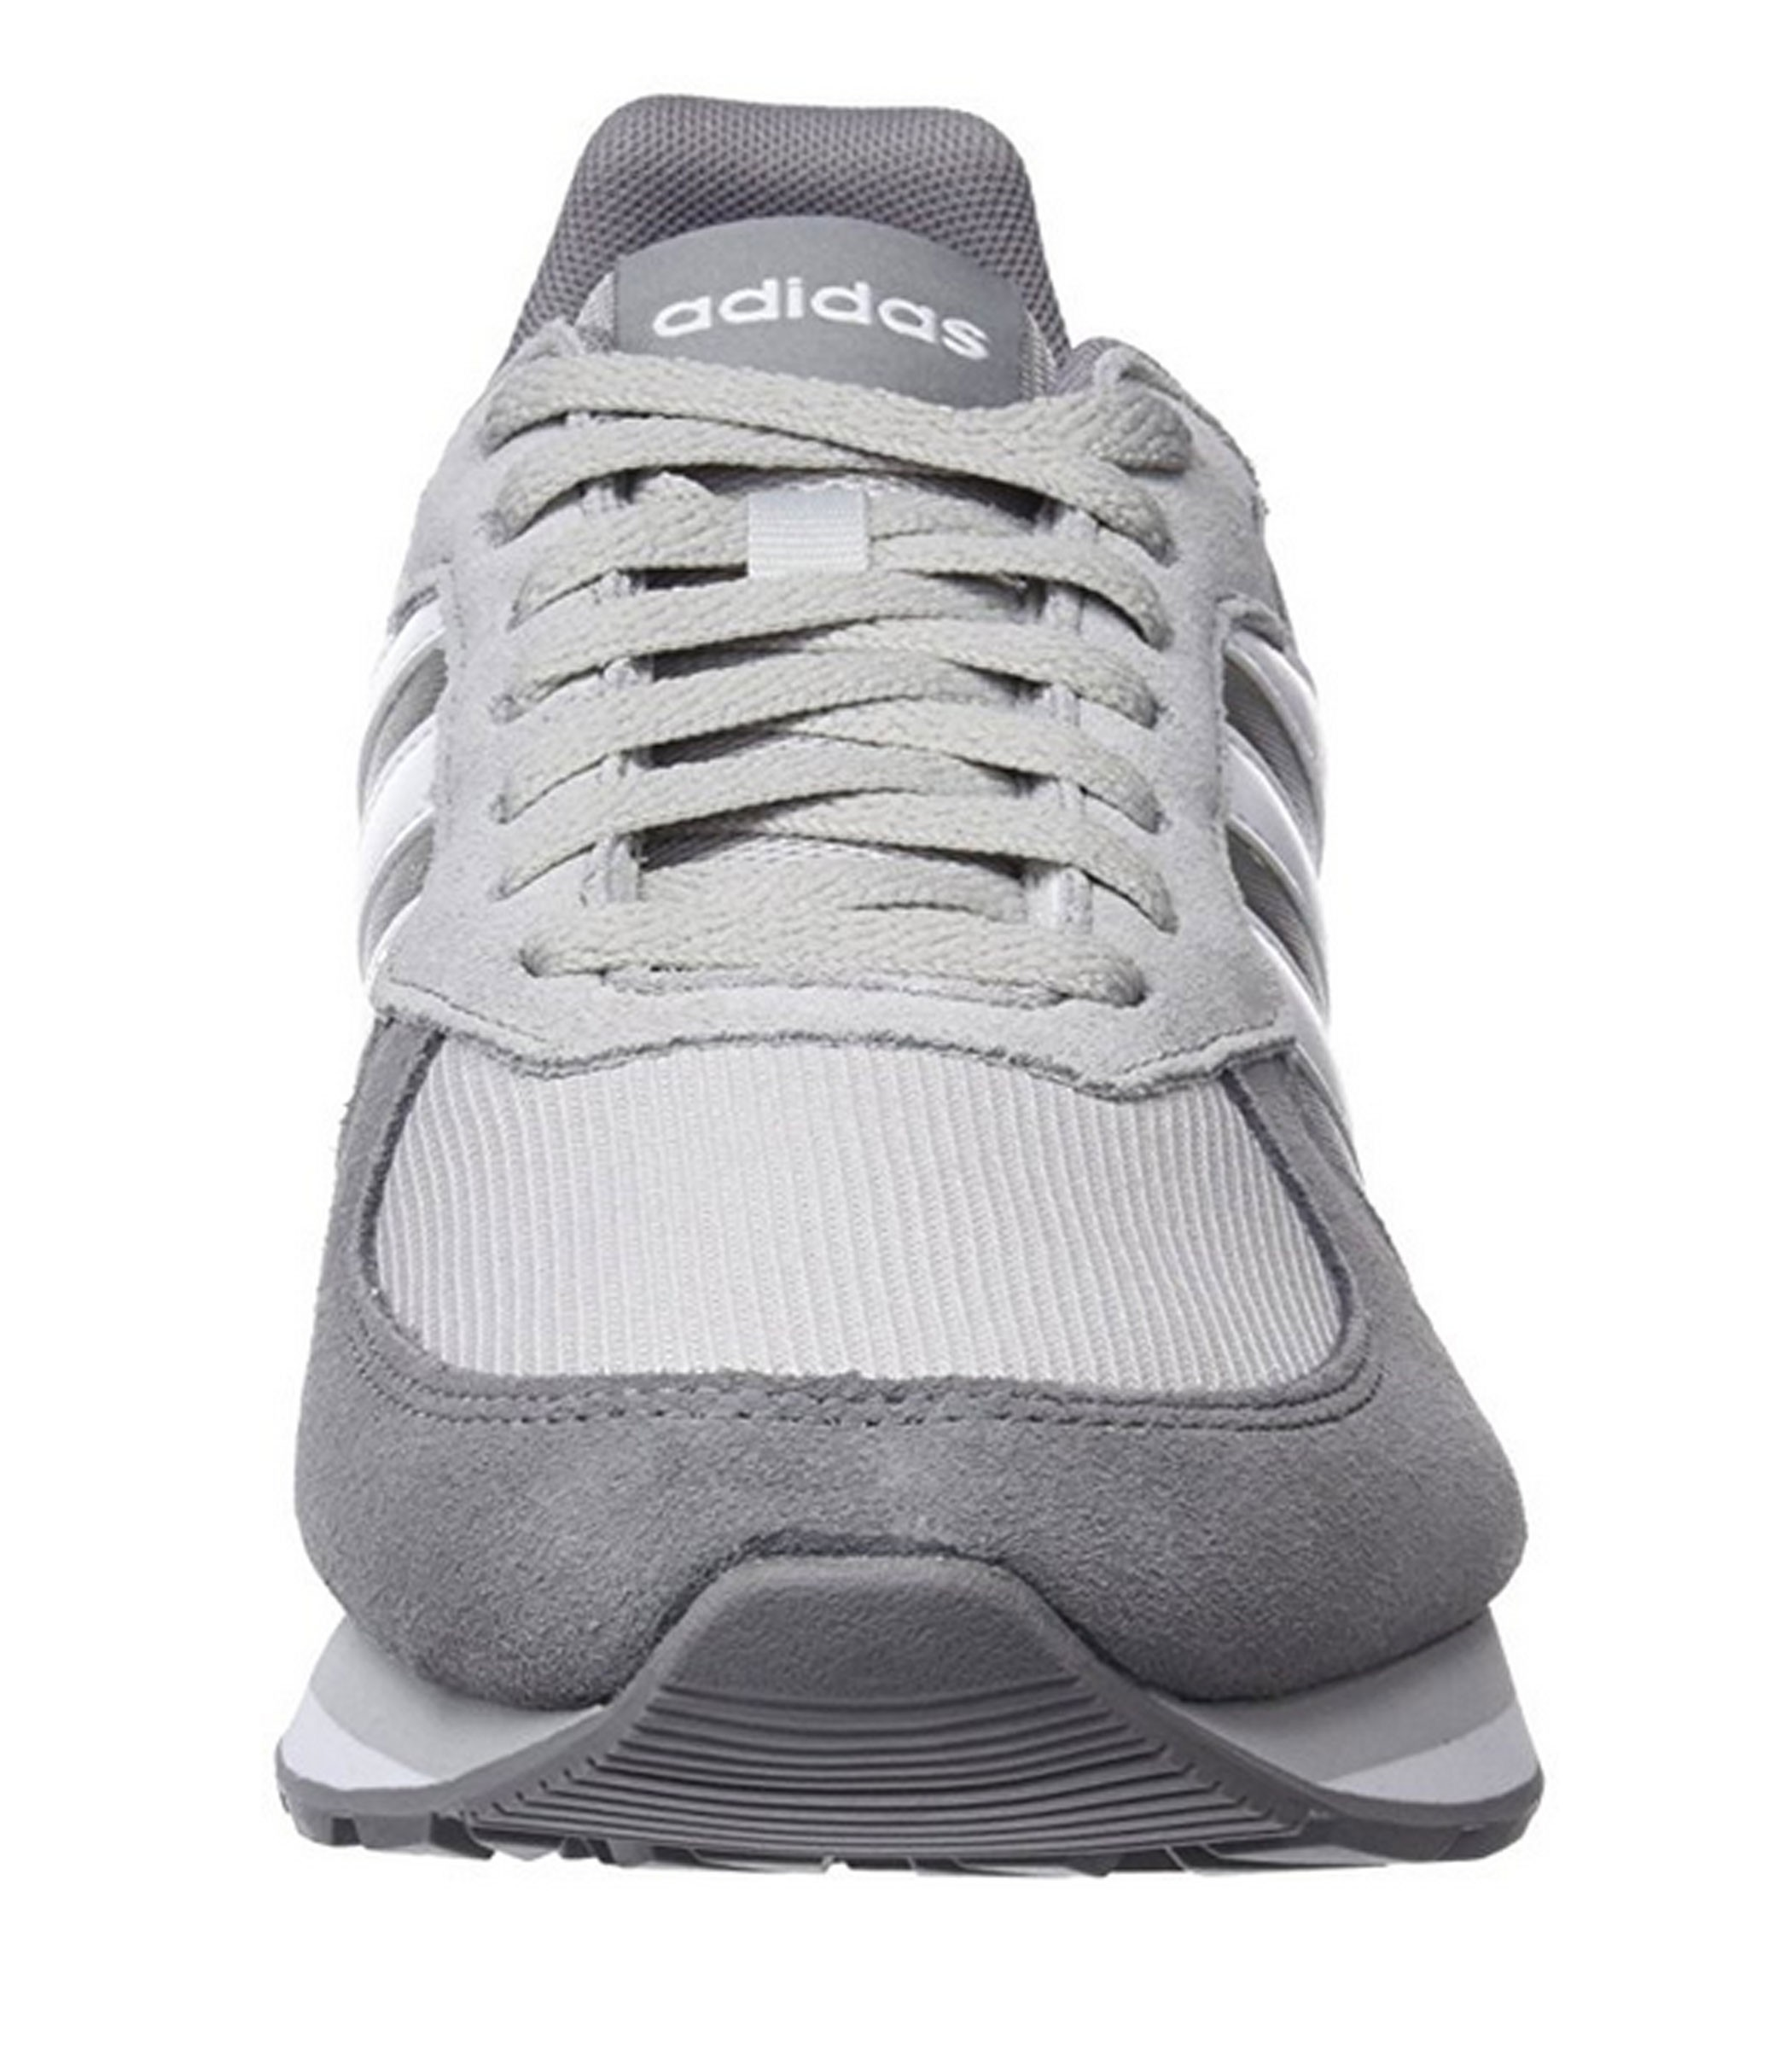 quality design 4438f 6a4c3 Rif Running 8k Adidas Scarpe Db1730 Uomo IOTgCRRwq